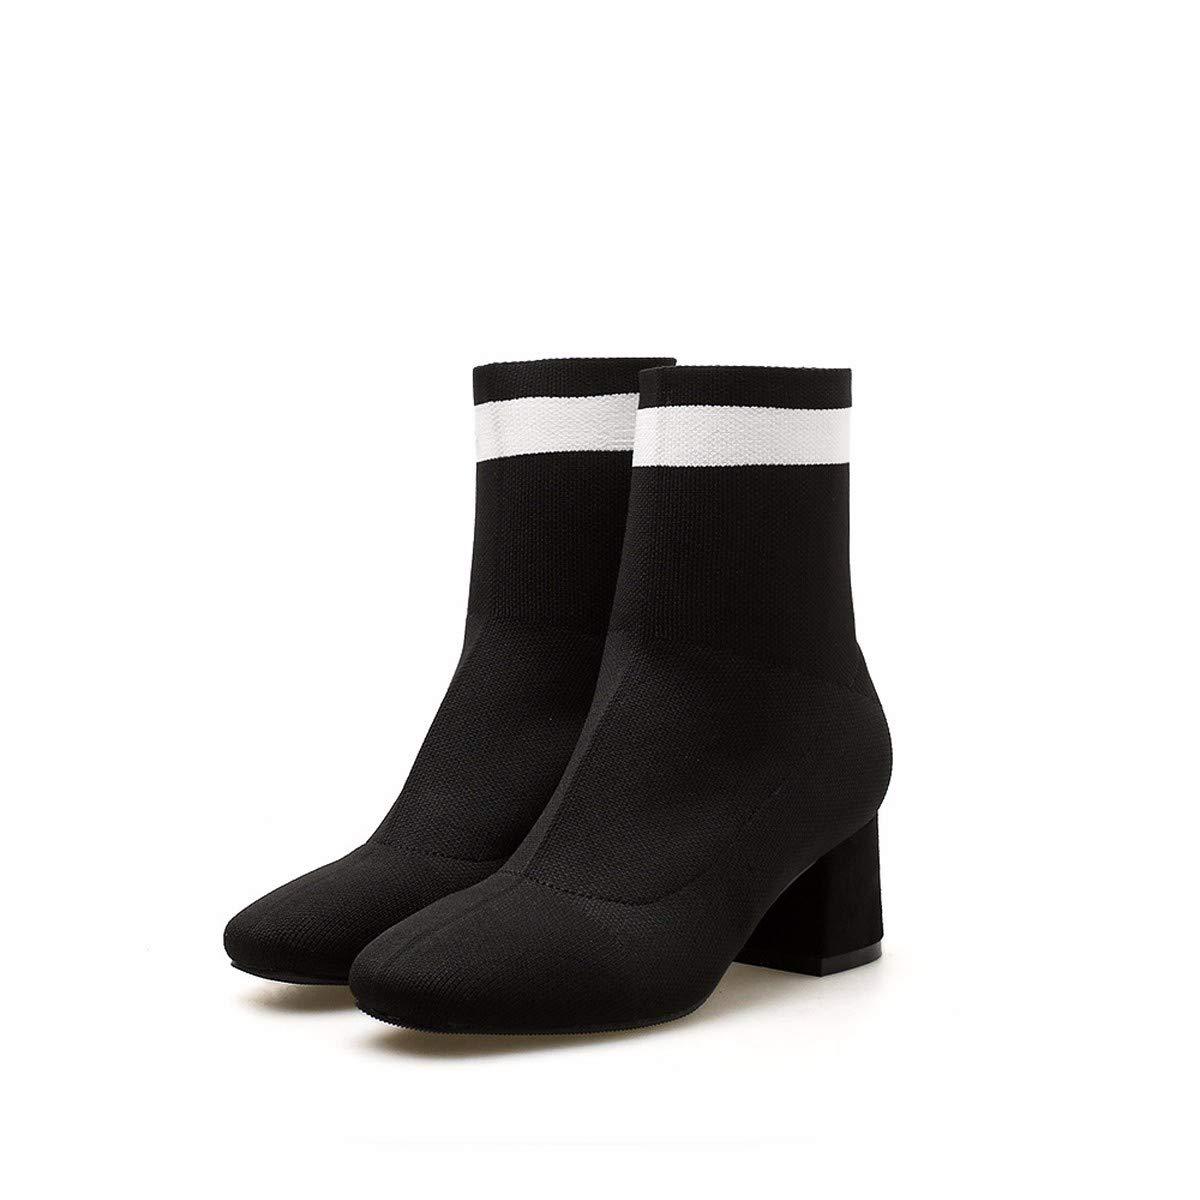 LBTSQ-Mode Damenschuhe Kurze Stiefel Martin Stiefel Mit Hohen 5Cm - Tube Wies Kopf Dicke Sohle Aus Gewirken Dünn Stiefel Elastische Strümpfe Stiefel.